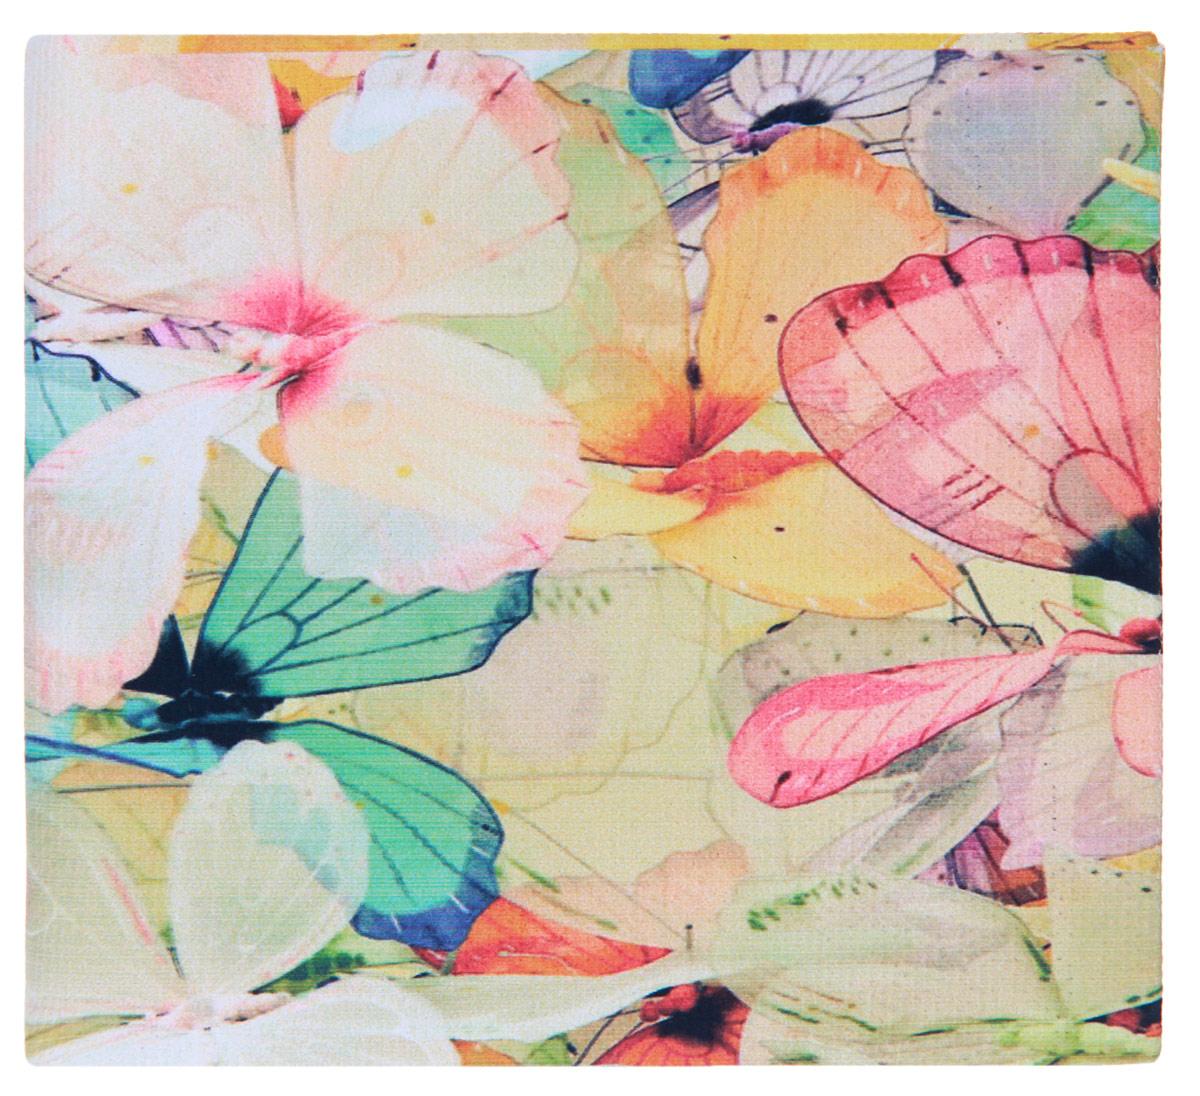 Кошелек Цветные бабочки. KZAM040KZAM040Авторский, неповторимый кошелек от Mitya Veselkov Цветные бабочки выполнен из синтетического материала и оформлен изображением бабочек. Кошелек раскладывается пополам и содержит отделение для купюр и два врезных кармана для кредитных карт или визиток. Стильный кошелек Mitya Veselkov Цветные бабочки станет отличным подарком для творческого человека.